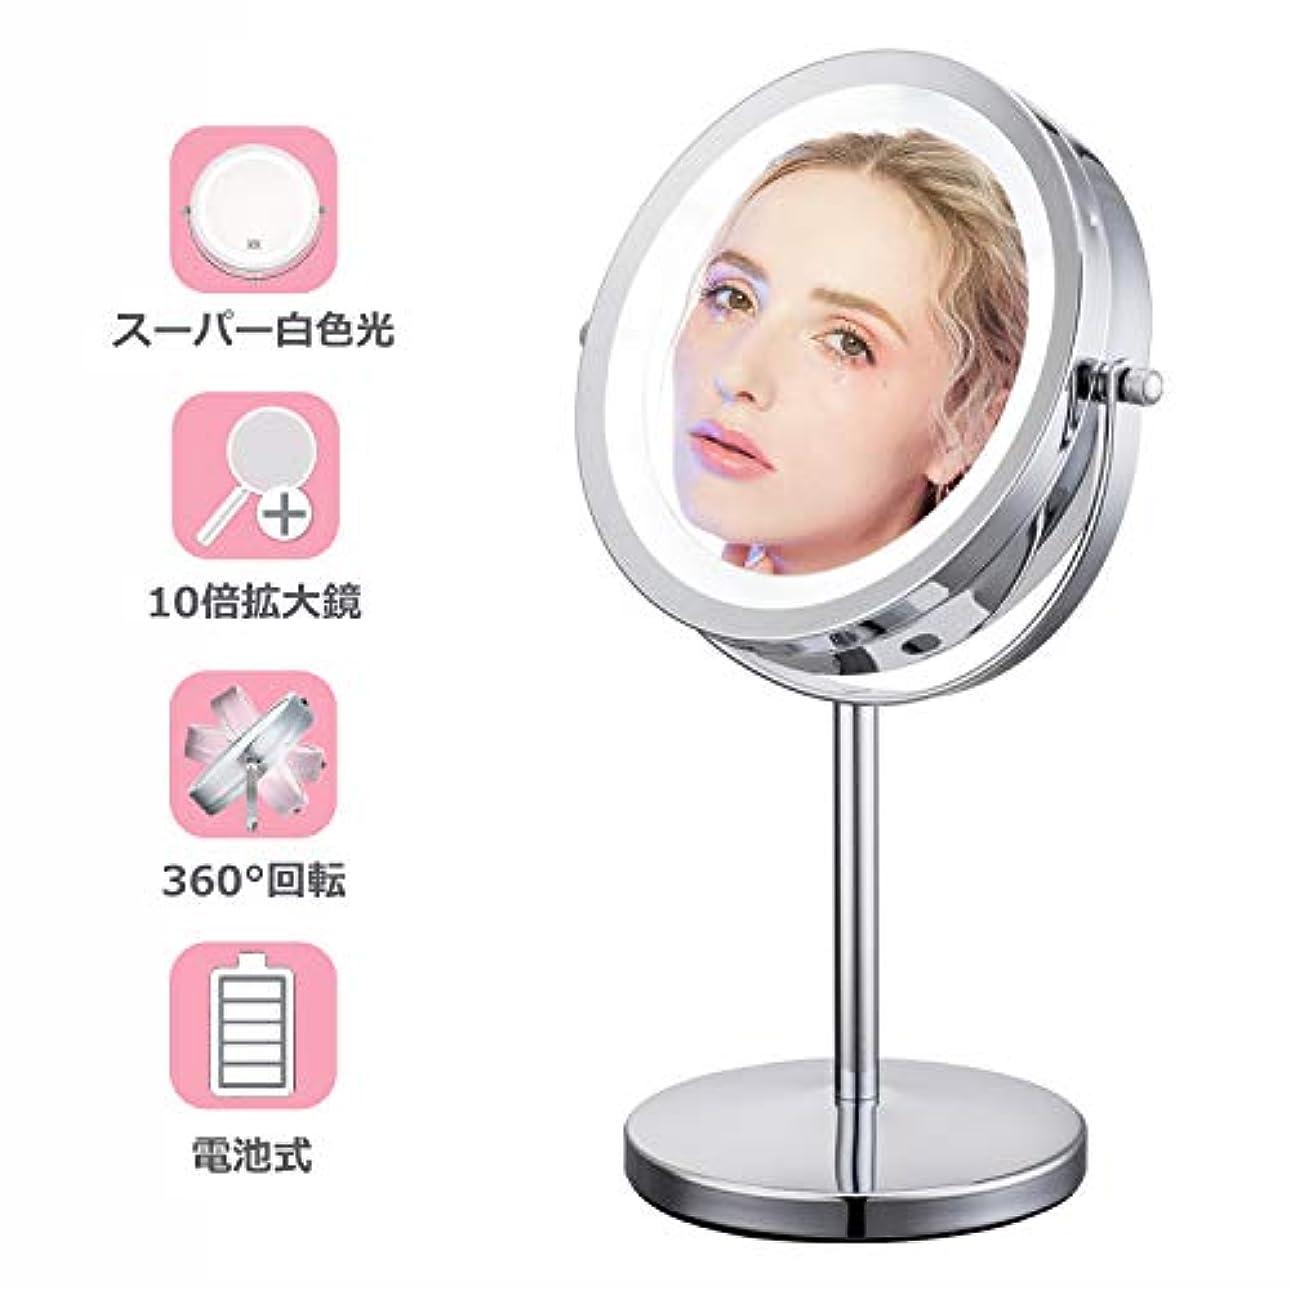 豊かな特殊プレゼント10倍拡大鏡 LEDライト付き 真実の両面鏡 360度回転 卓上鏡 スタンドミラー メイク 化粧道具 【Jeking】